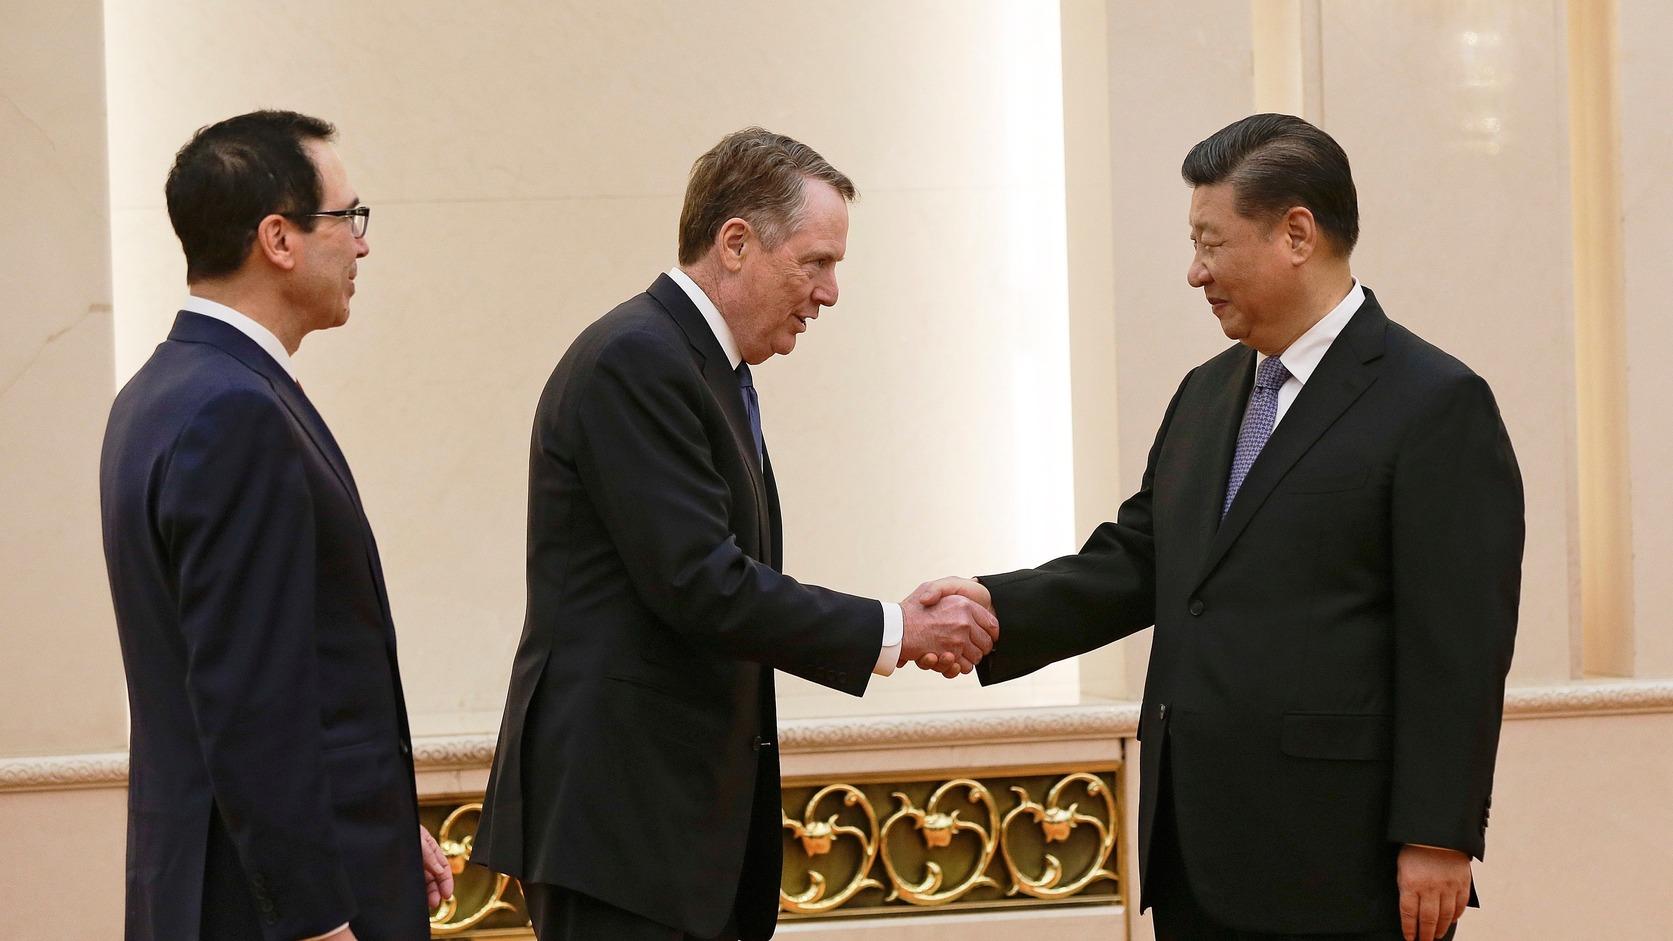 Hszi Csin-ping kínai elnök fogadja a kínai-amerikai kereskedelmi tárgyalások újabb fordulóján részt vevő Steven Mnuchin amerikai pénzügyminisztert és Robert Lighthizer amerikai kereskedelmi főképviselőt a pekingi Nagy Népi Csarnokban 2019. február 15-én (Fotó: MTI/AP/Andy Wong)